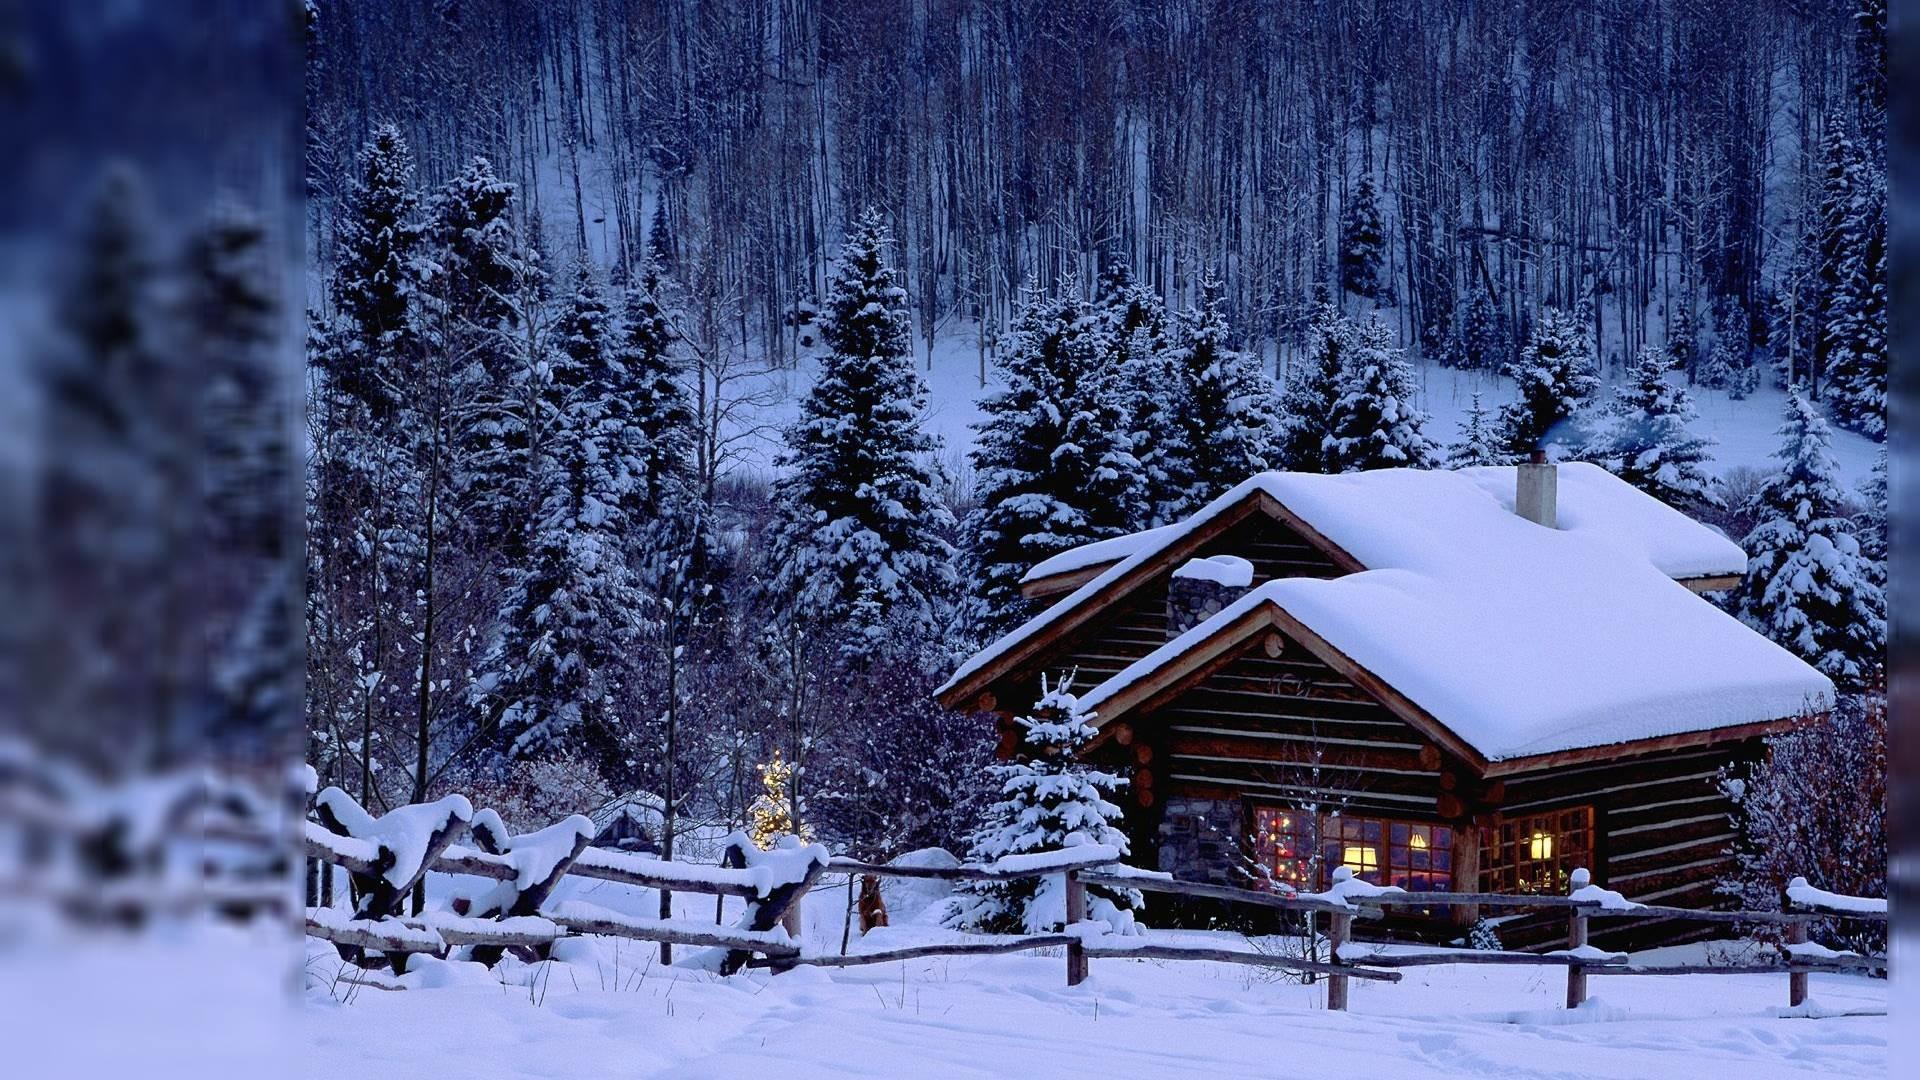 winter wallpaper for desktop background (56+ images)